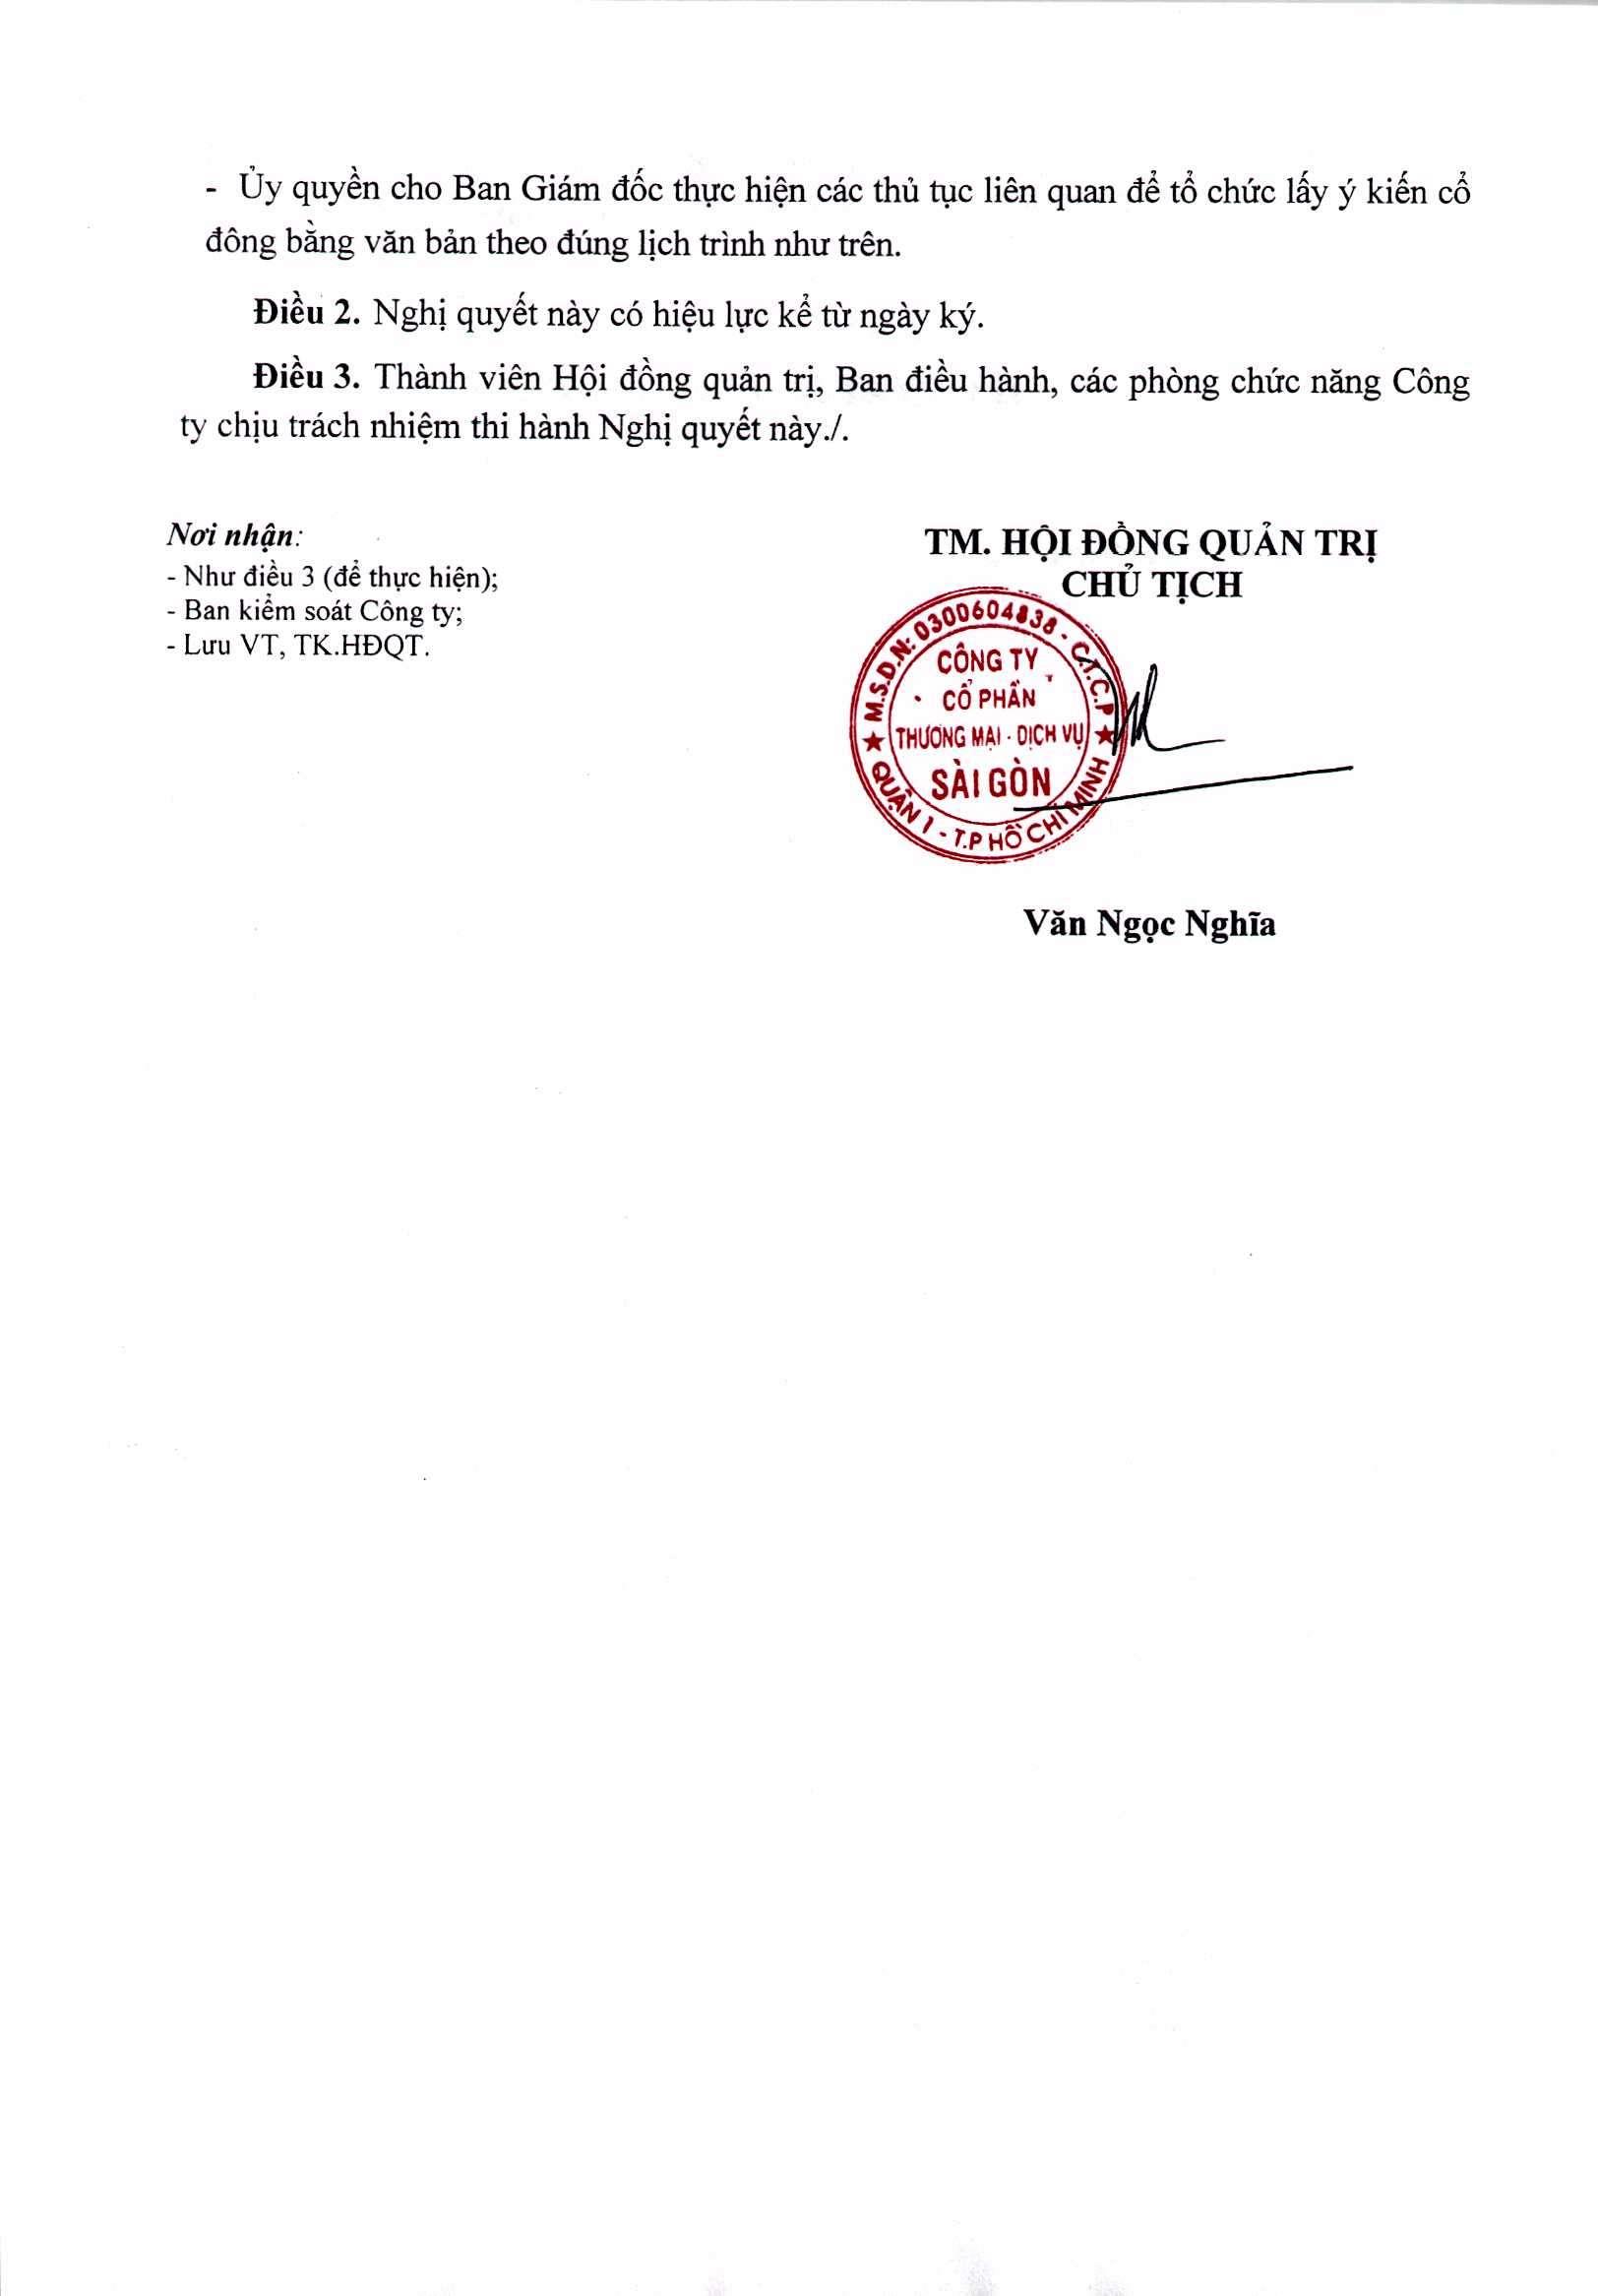 Nghị quyết 211A-NQ-HĐQT ngày 25-9-2020 (02)